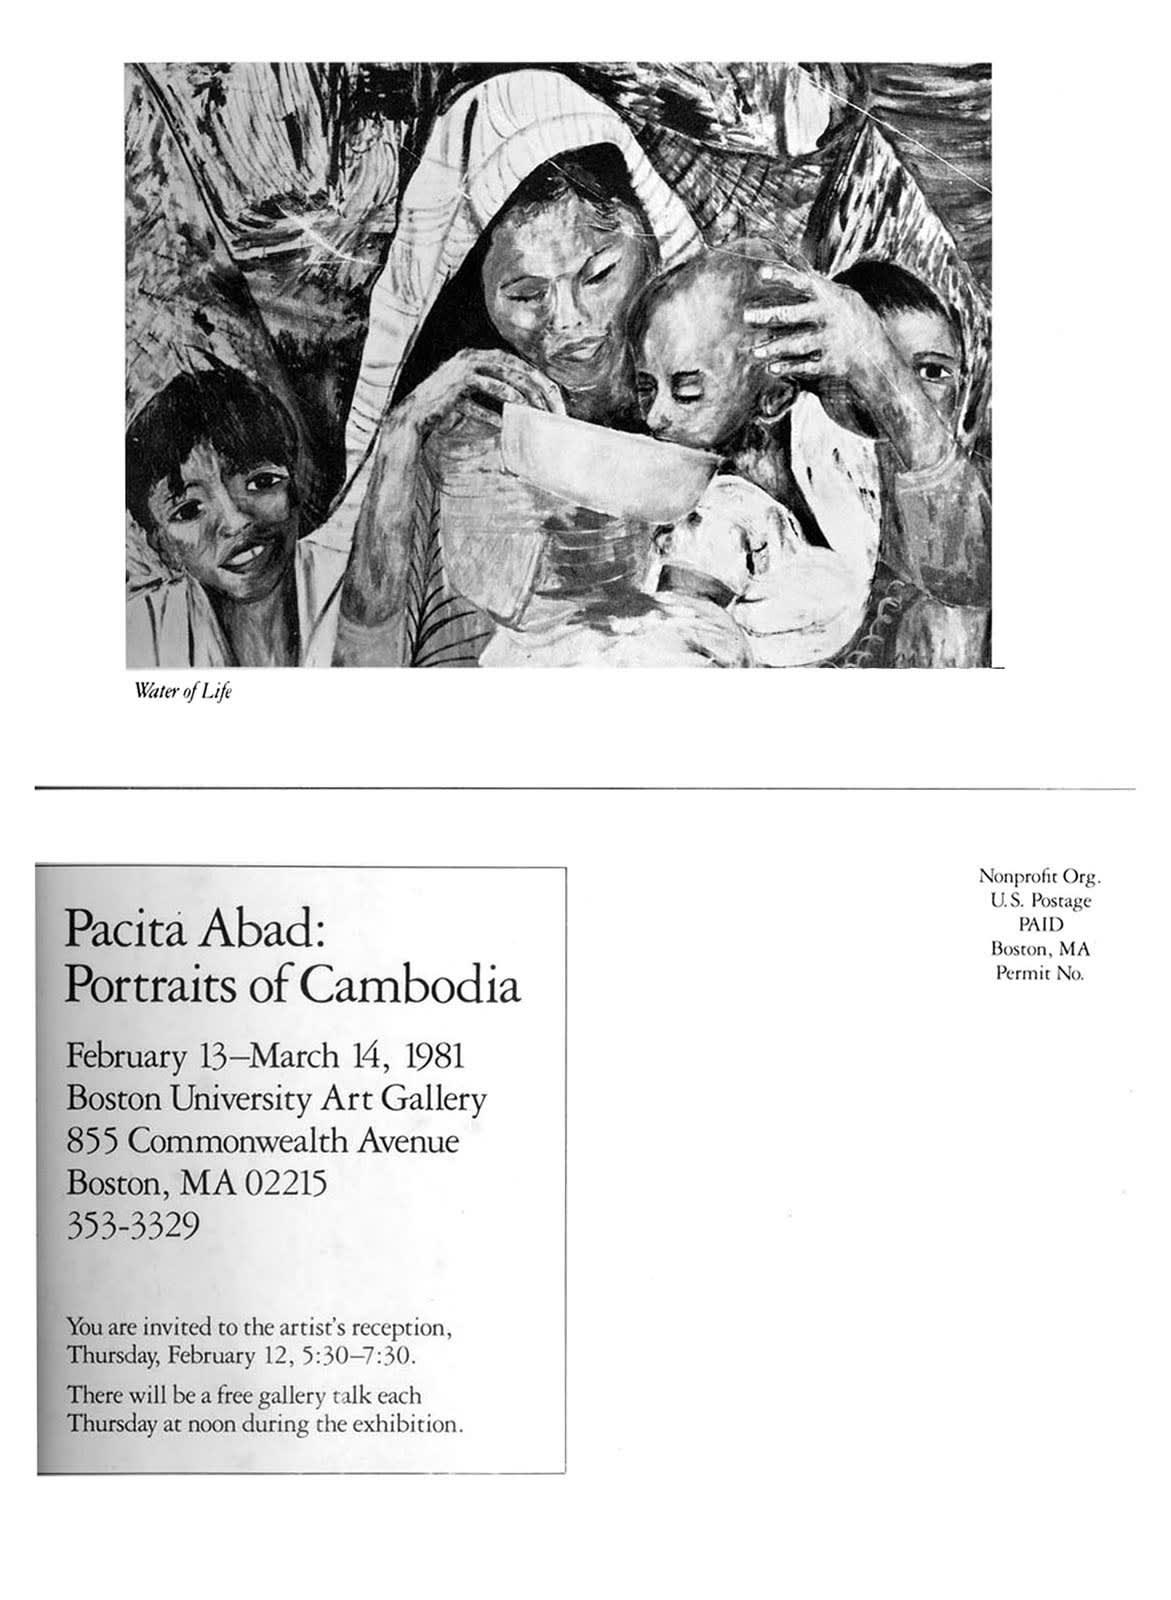 Pacita Abad: Portraits of Cambodia